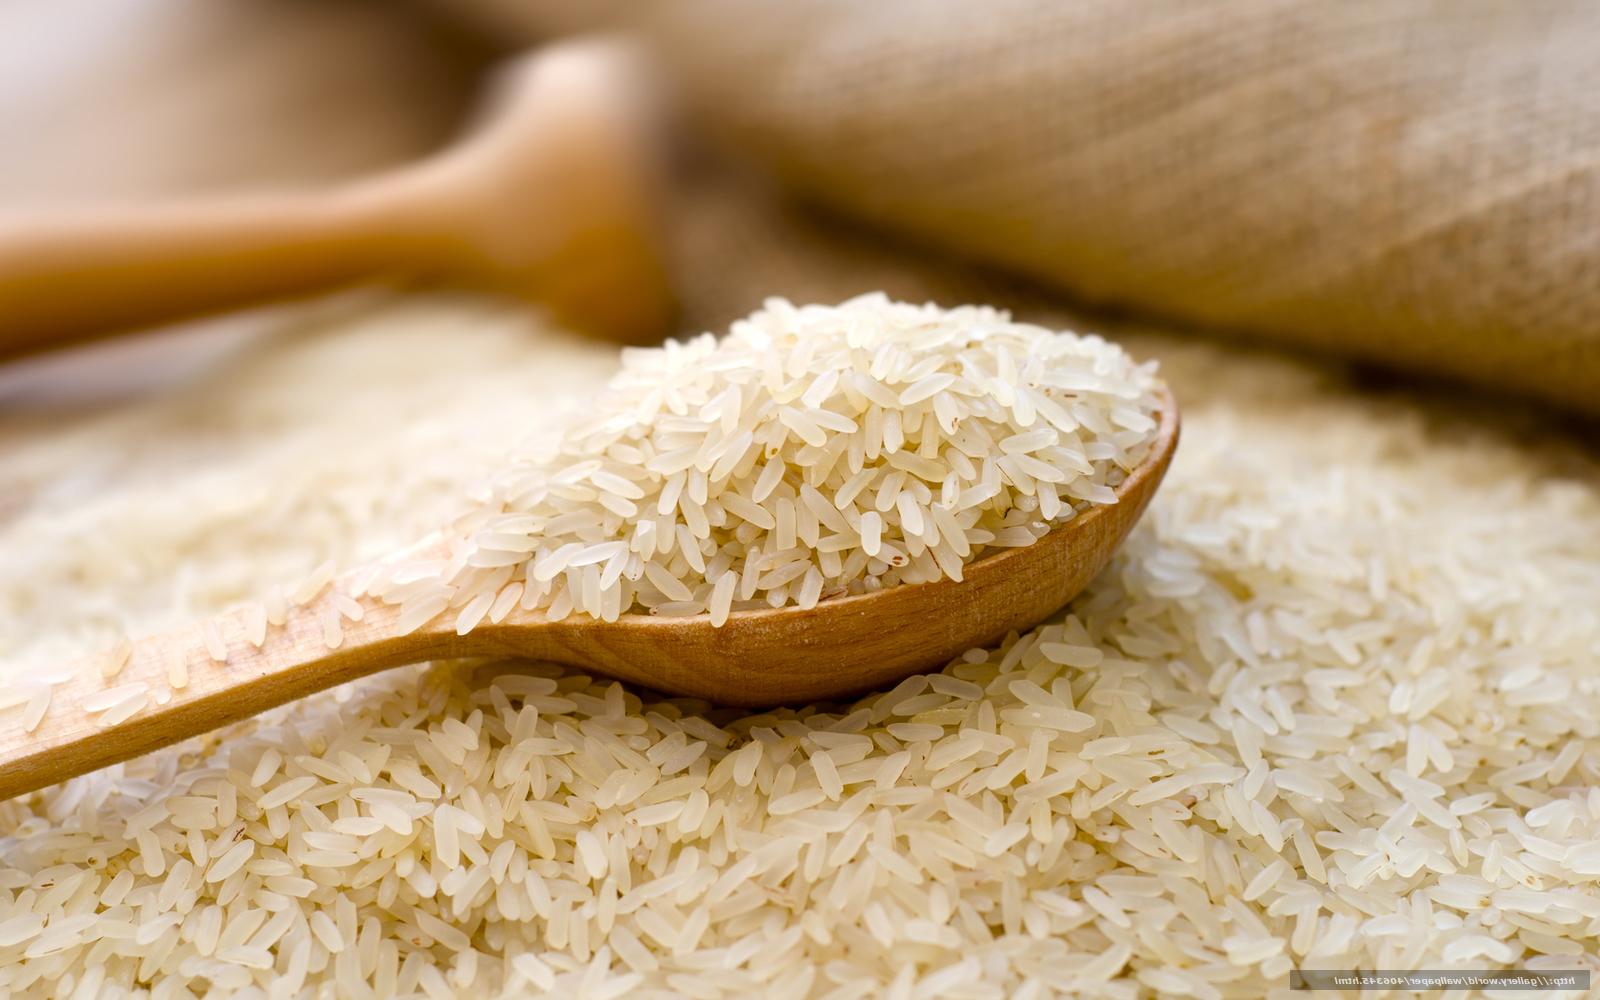 Рис | Самые распространенные генетически модифицированные продукты | Brain Berries